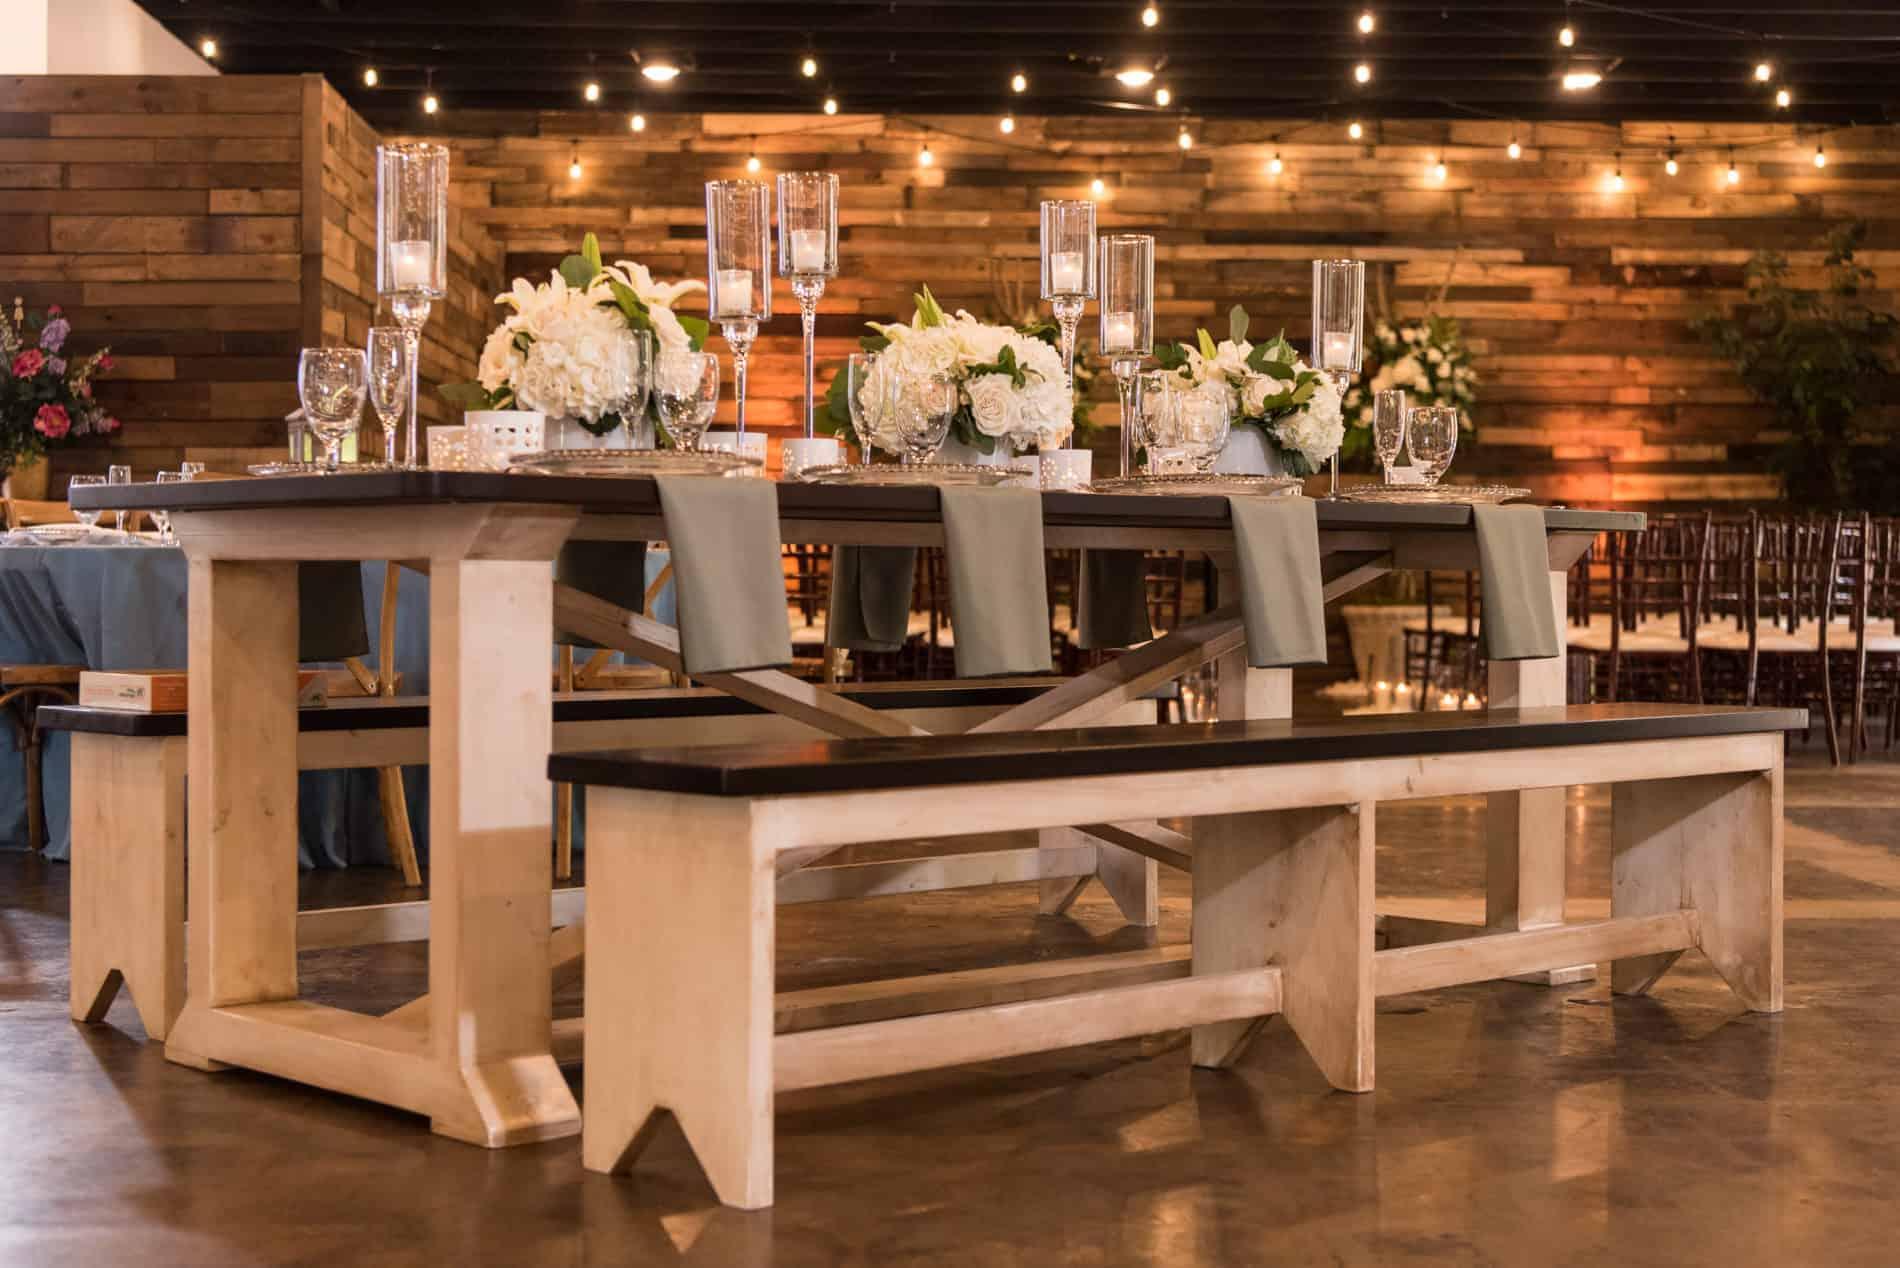 Top Rustic Wedding Ideas